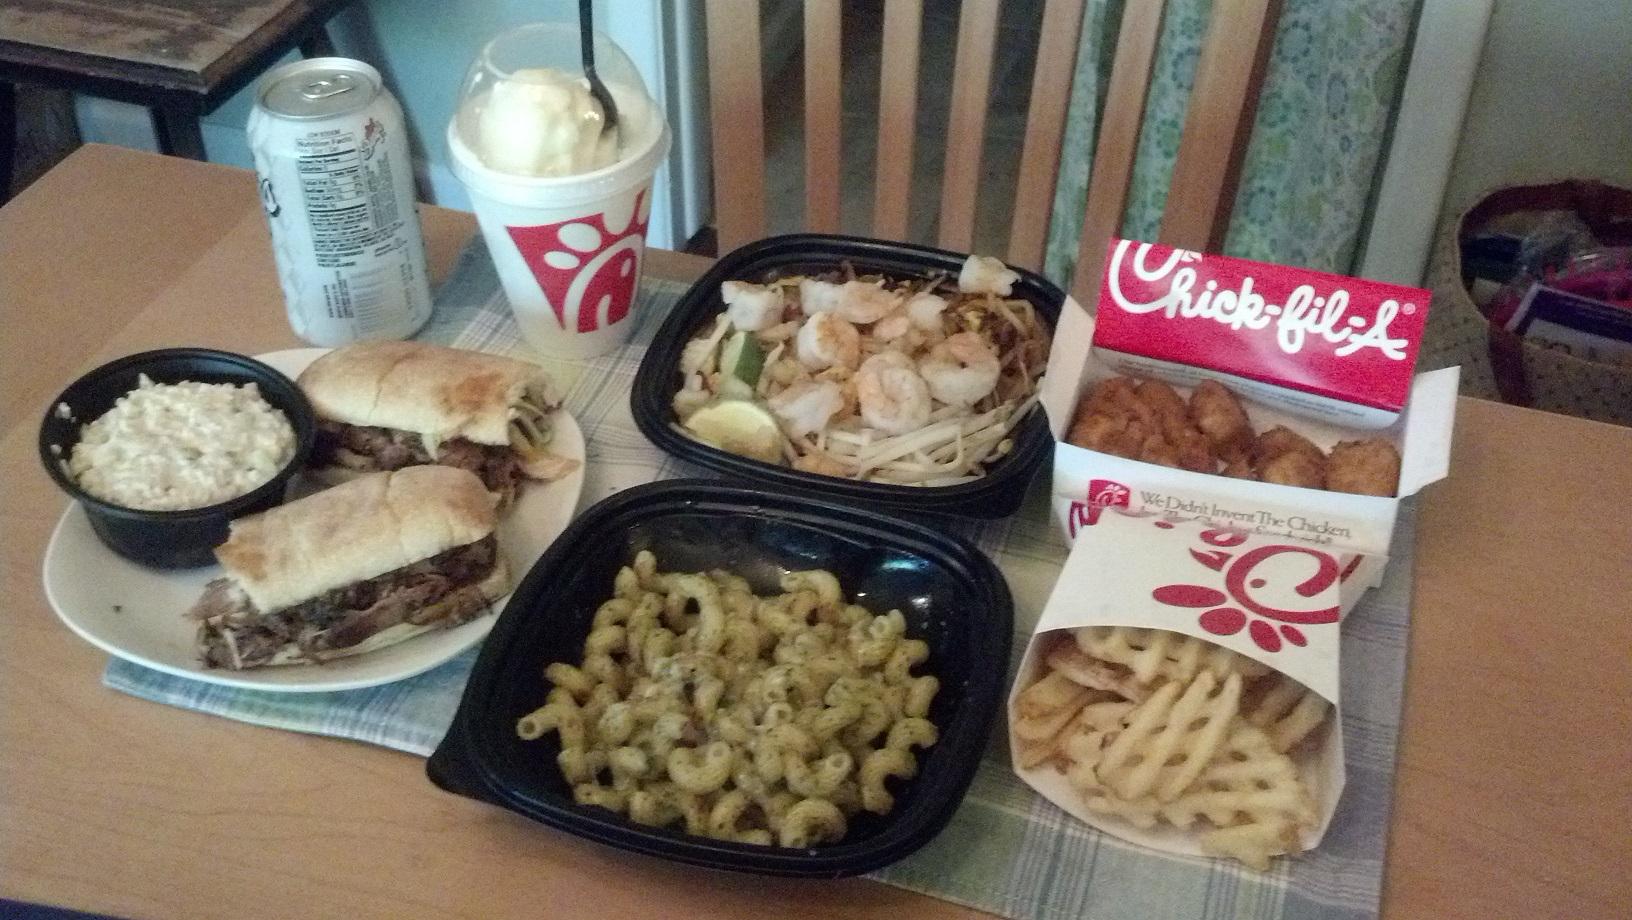 https://foodloader.net/sweetie_2013-09-07_icecream__pad_thai__nuggets__chicken_salad__bbq_pork_sandwich__pesto__fries.jpg